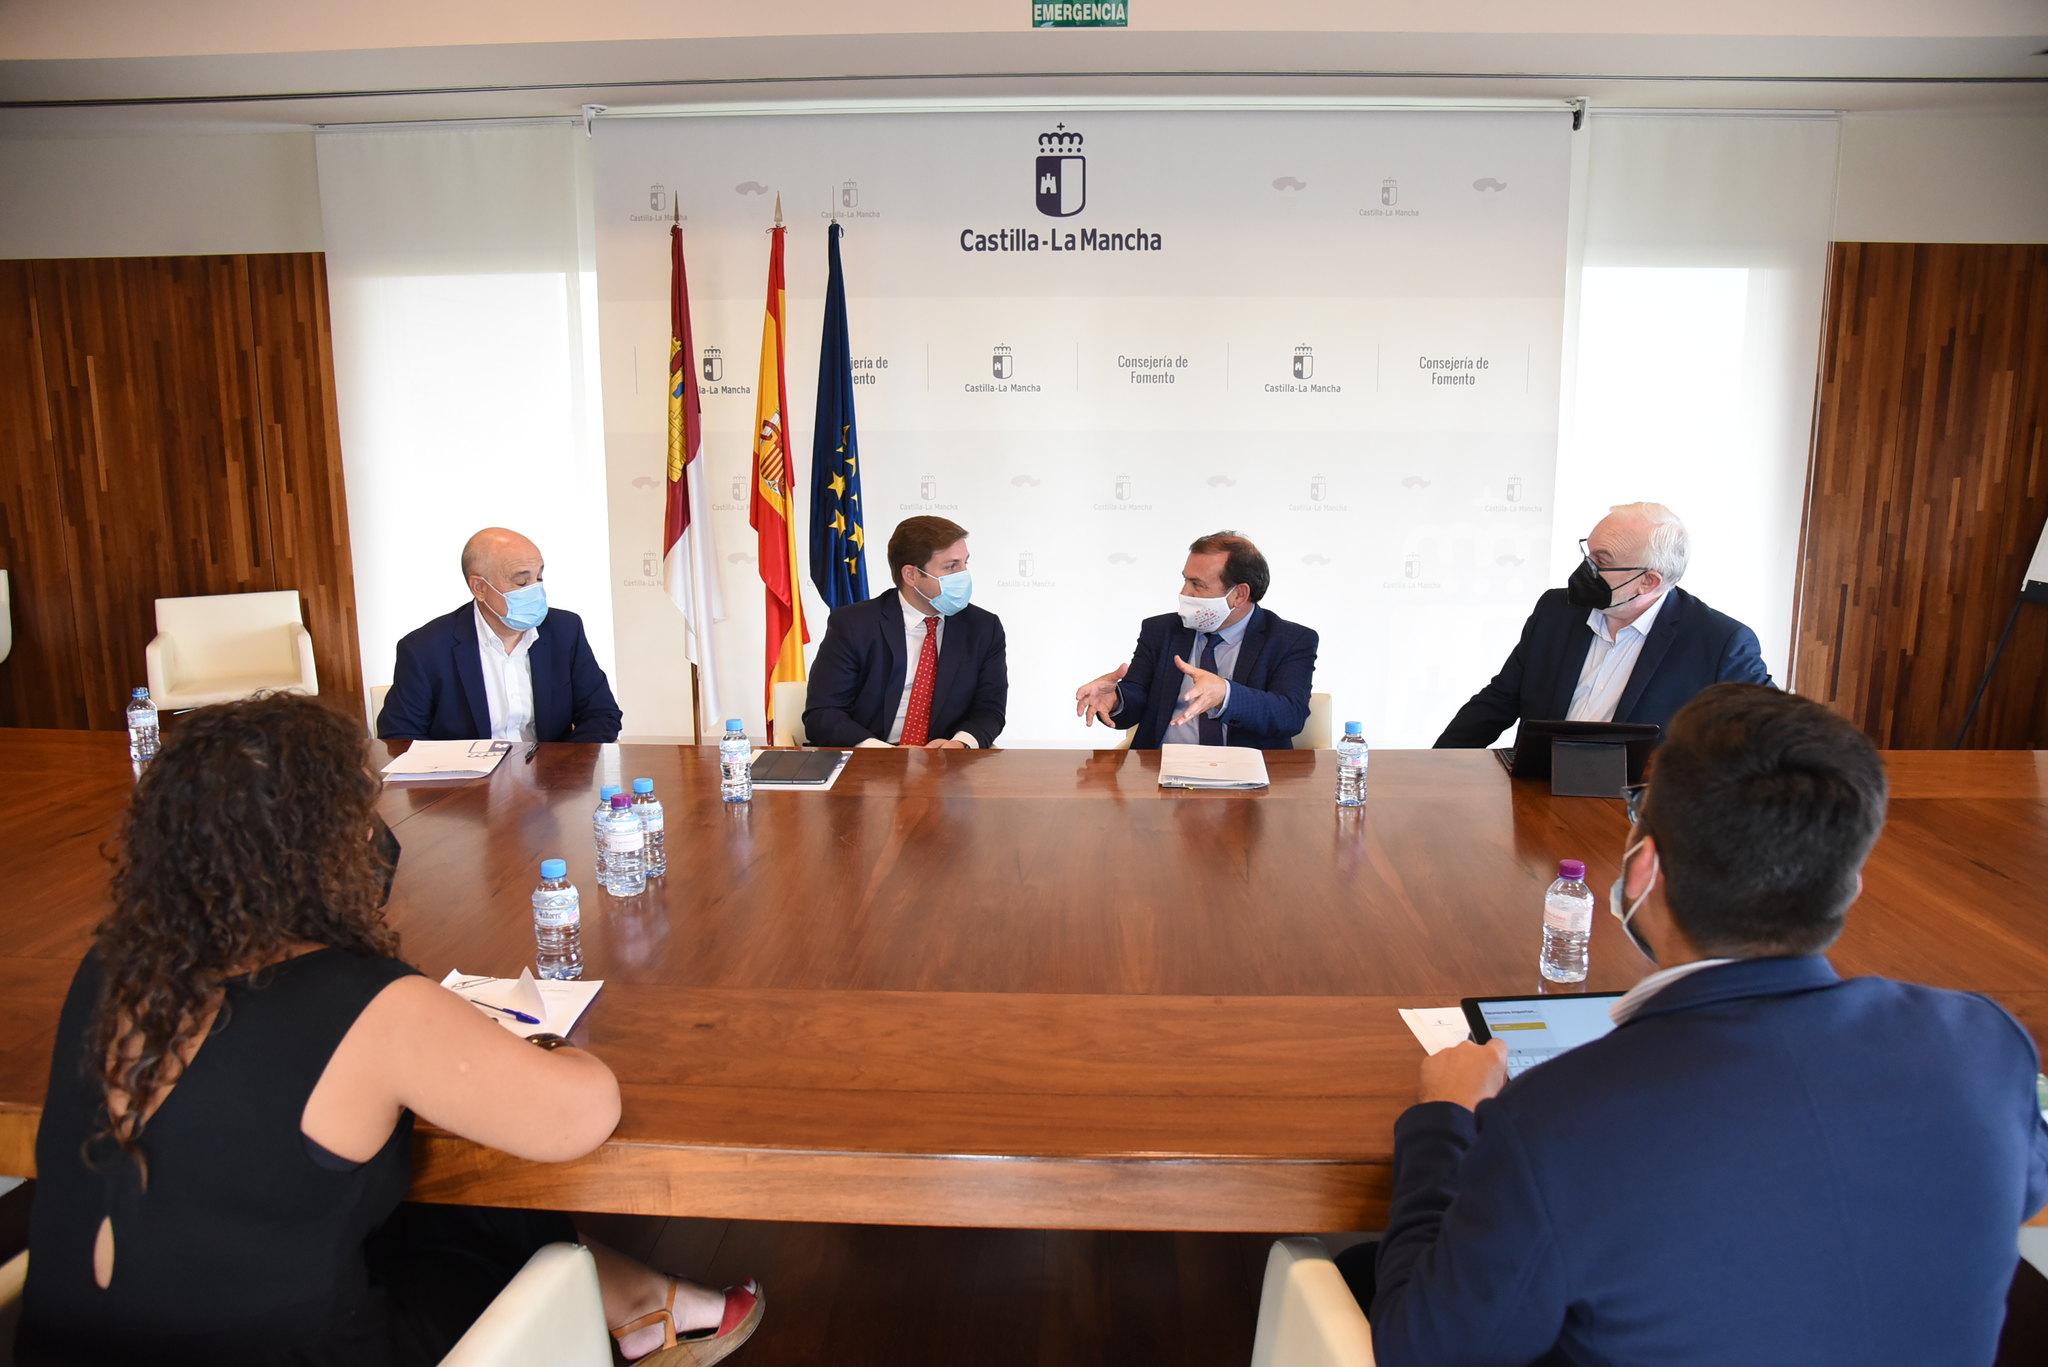 El consejero de Fomento, Nacho Hernando, mantiene, un encuentro con el alcalde de Puertollano, Adolfo Muñiz.